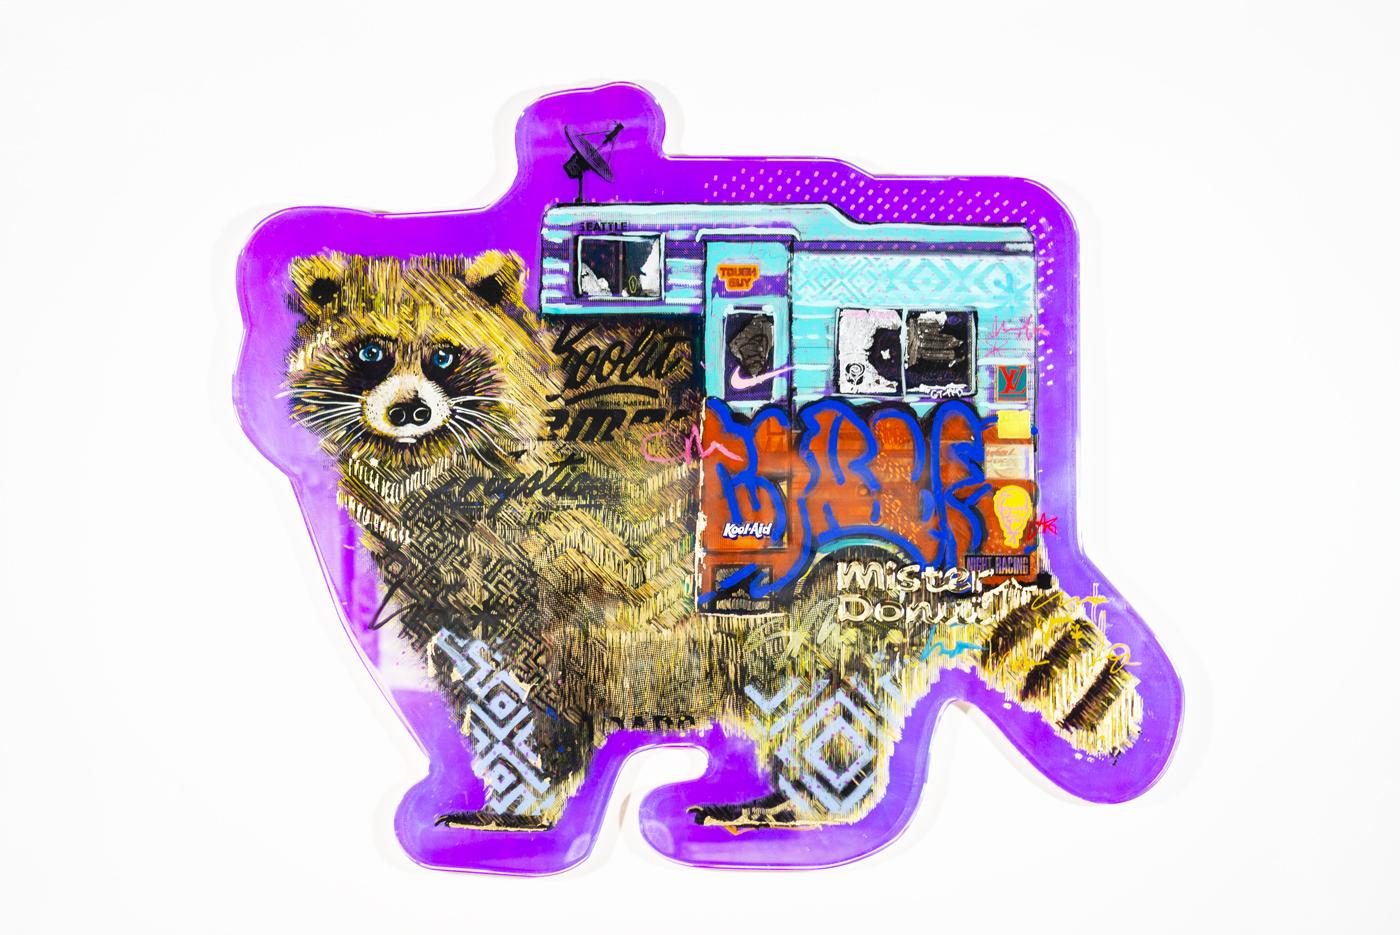 Acrylic, holographic film, ink, acrylic paint, epoxy, tiny mischief.